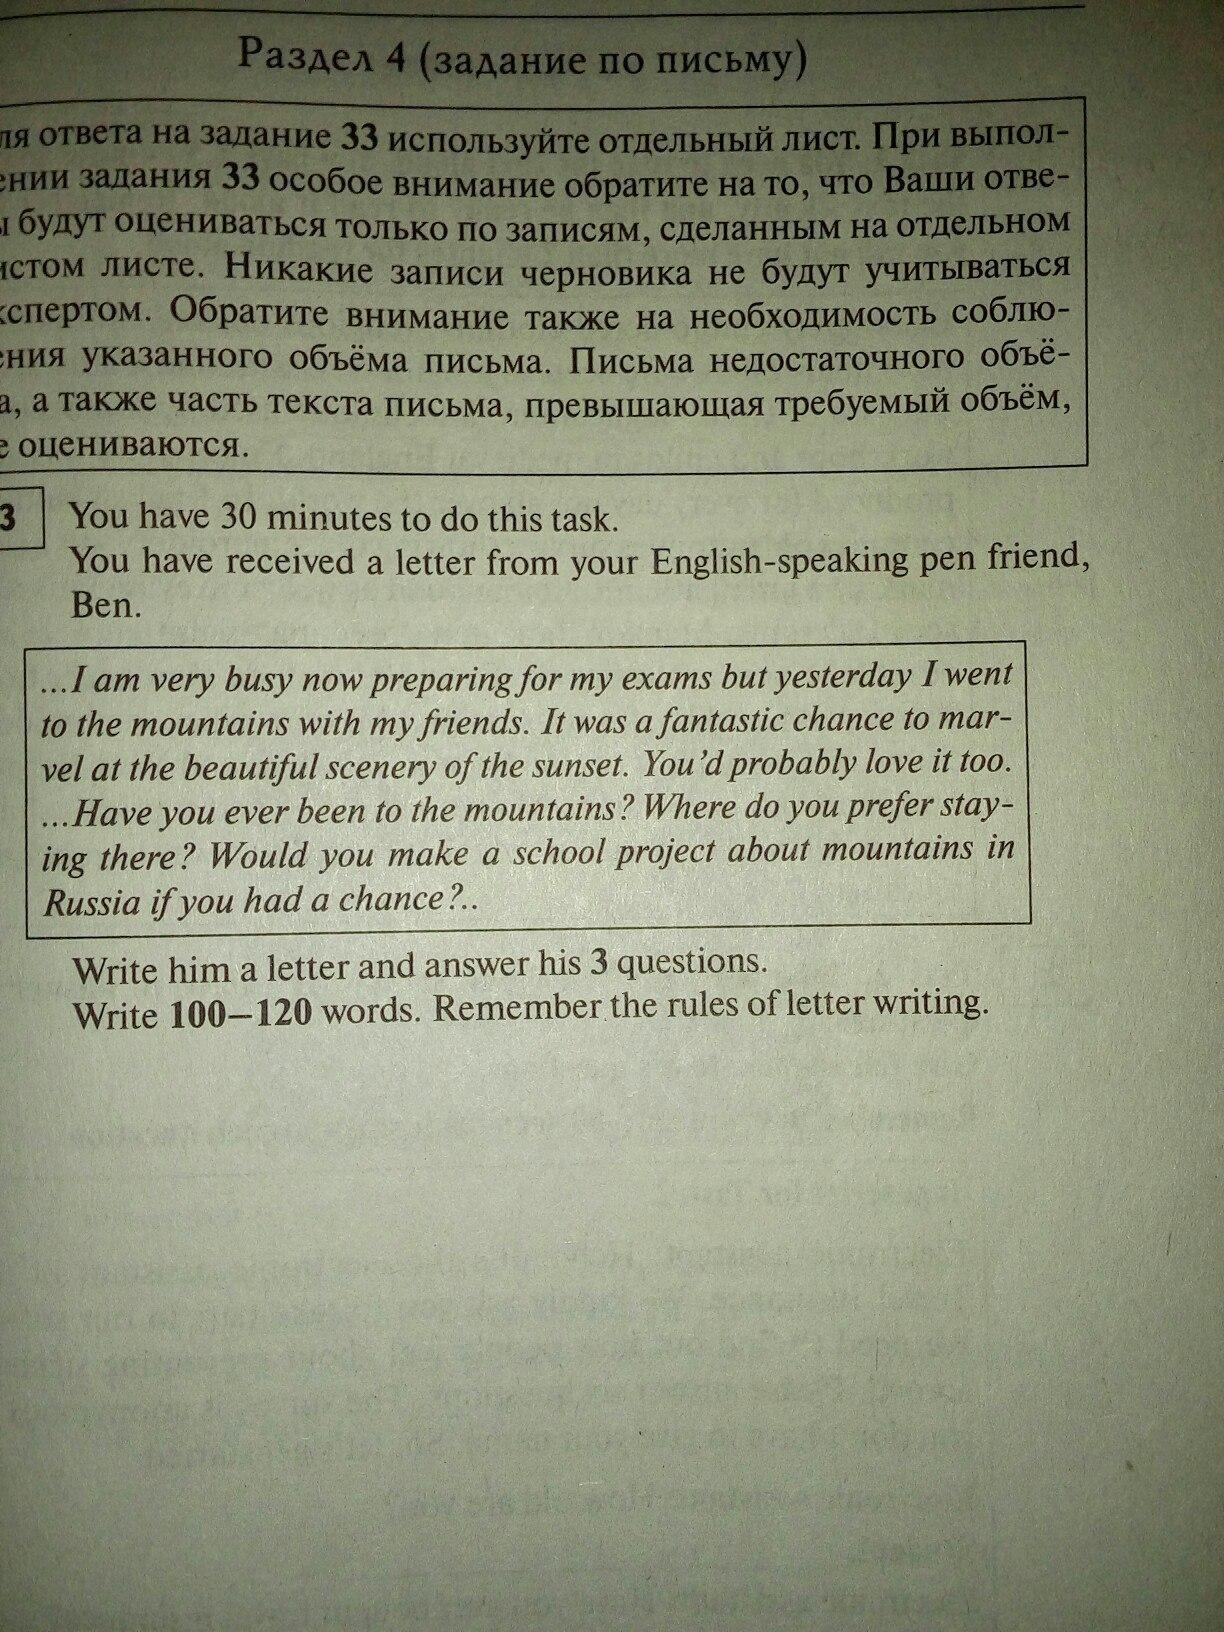 Помогите написать письмо по английскому языку (Даю